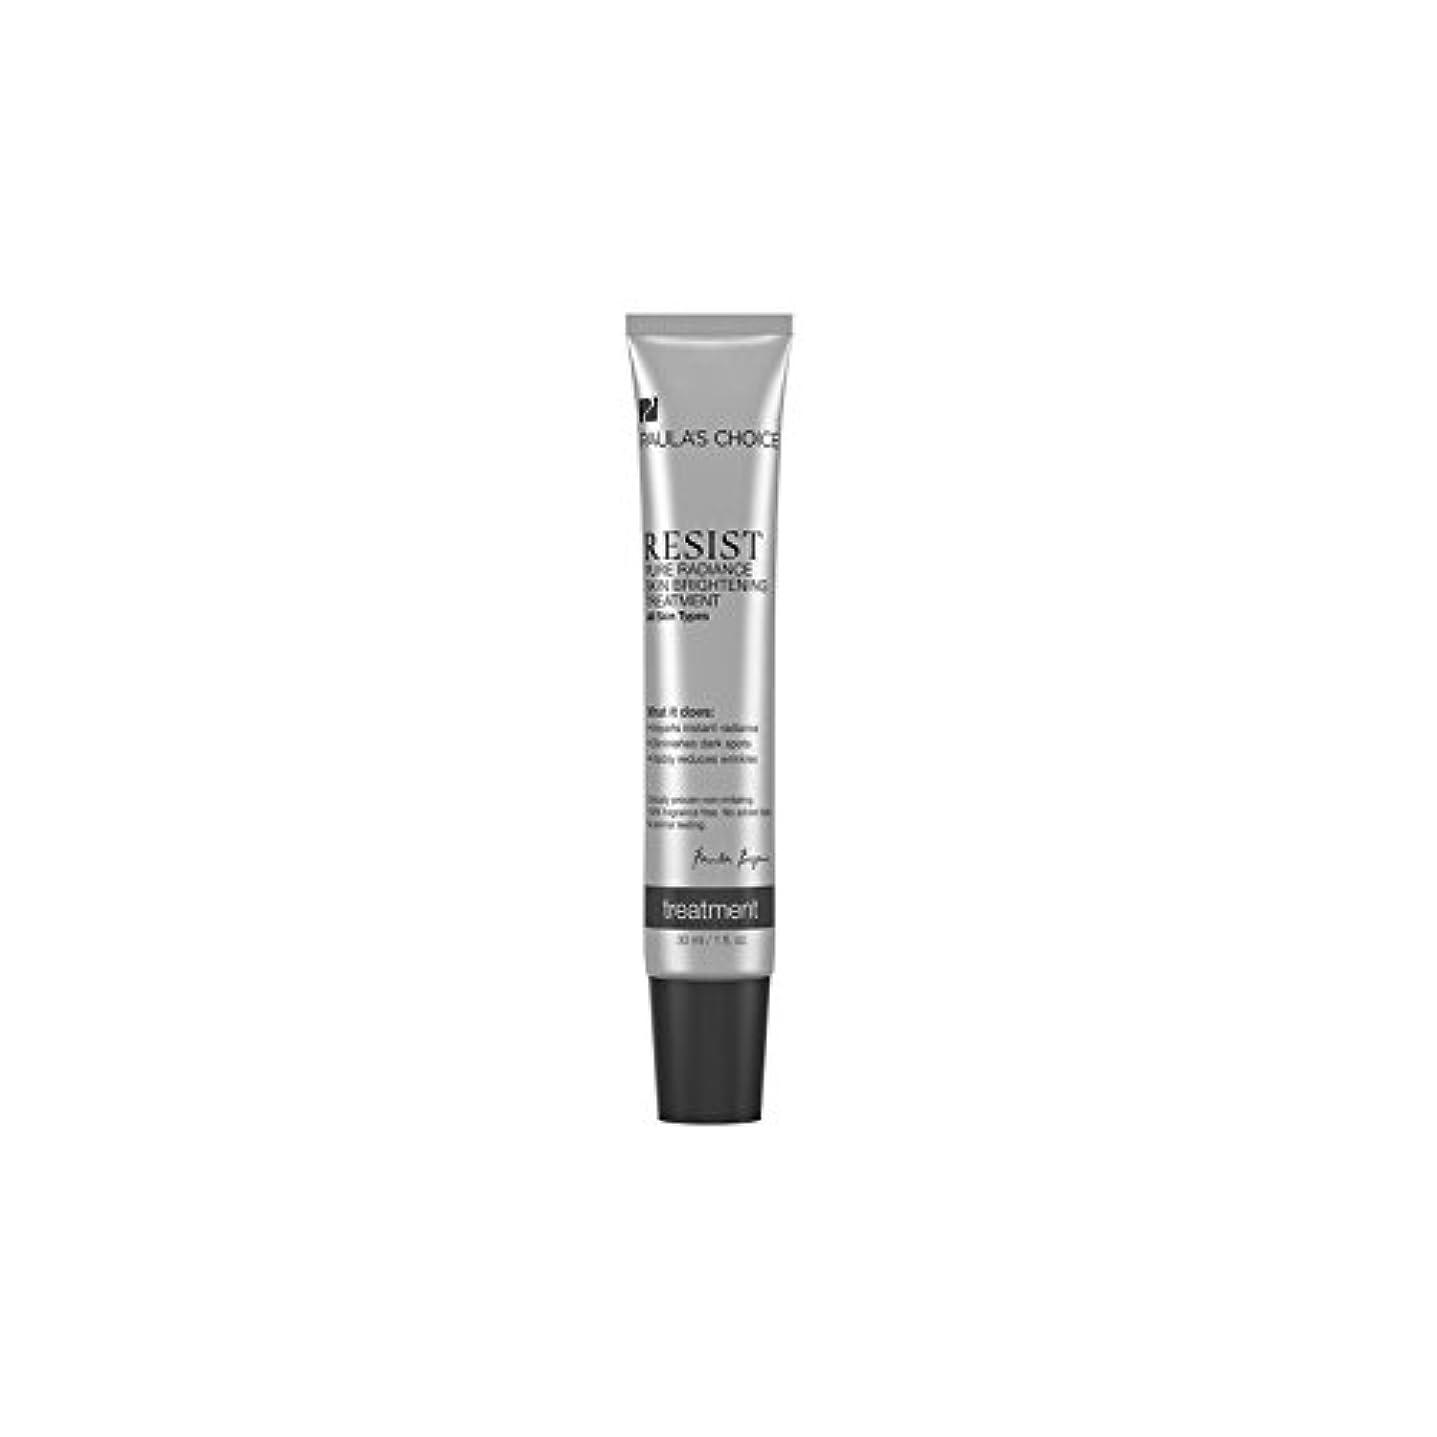 確率毎回退屈ポーラチョイスは純粋な輝き肌ブライトニングトリートメント(30ミリリットル)を抵抗します x4 - Paula's Choice Resist Pure Radiance Skin Brightening Treatment (30ml) (Pack of 4) [並行輸入品]